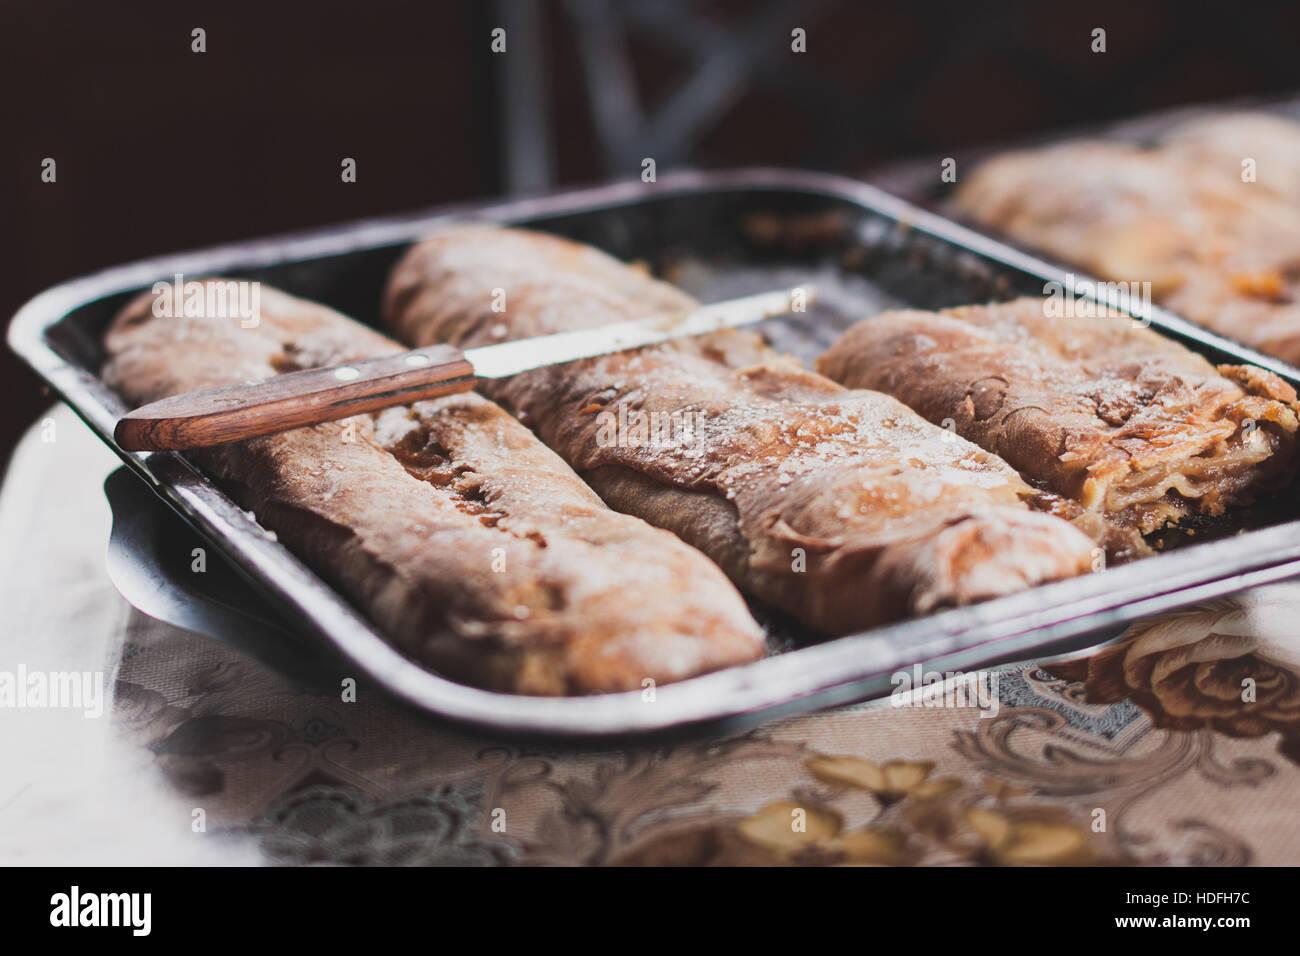 Freshly baked Artisan bread. - Stock Image